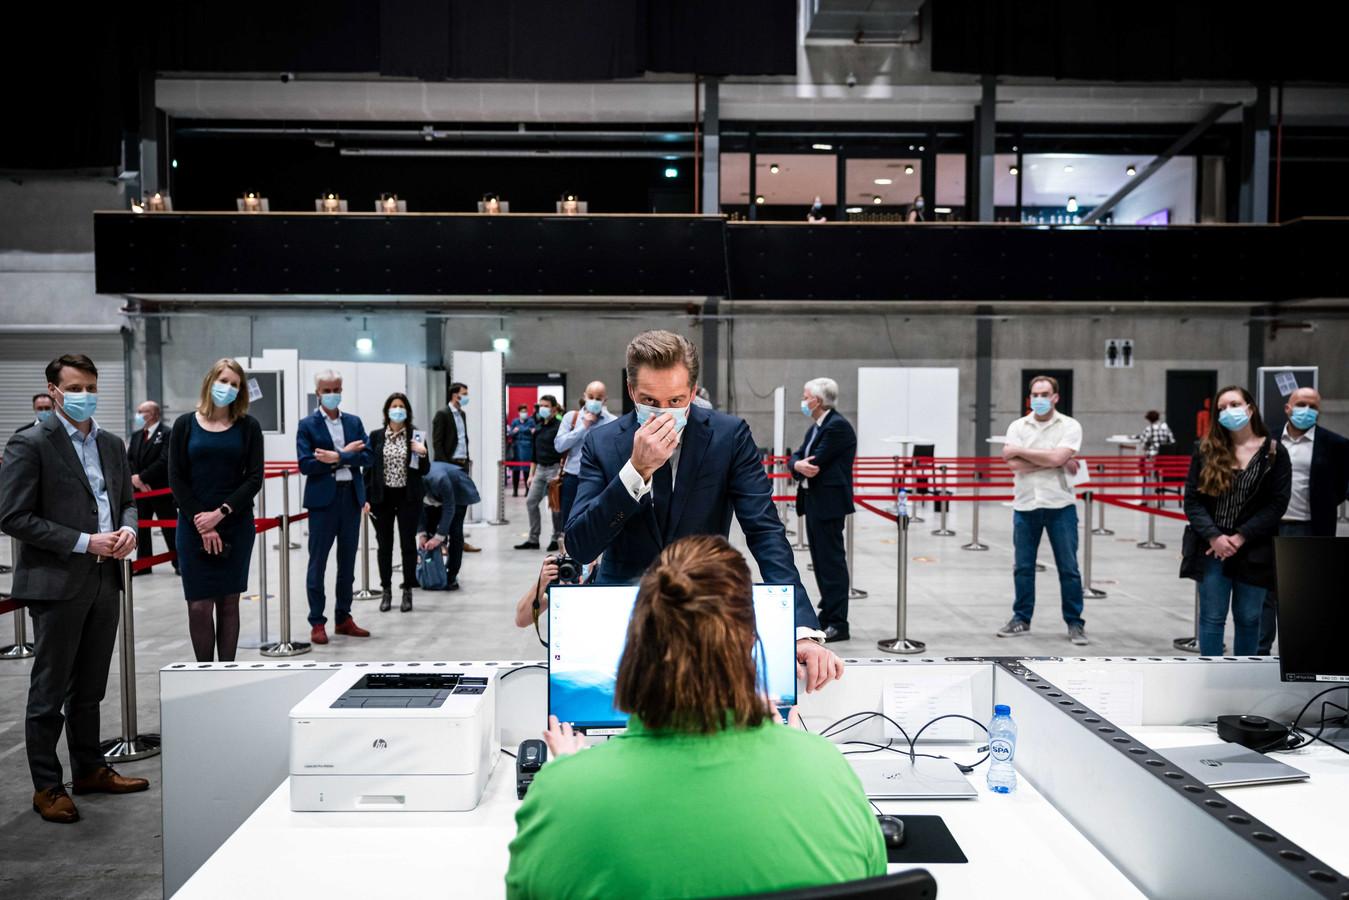 Minister van Volksgezondheid Hugo de Jonge tijdens een werkbezoek aan een vaccinatielocatie in Breda.